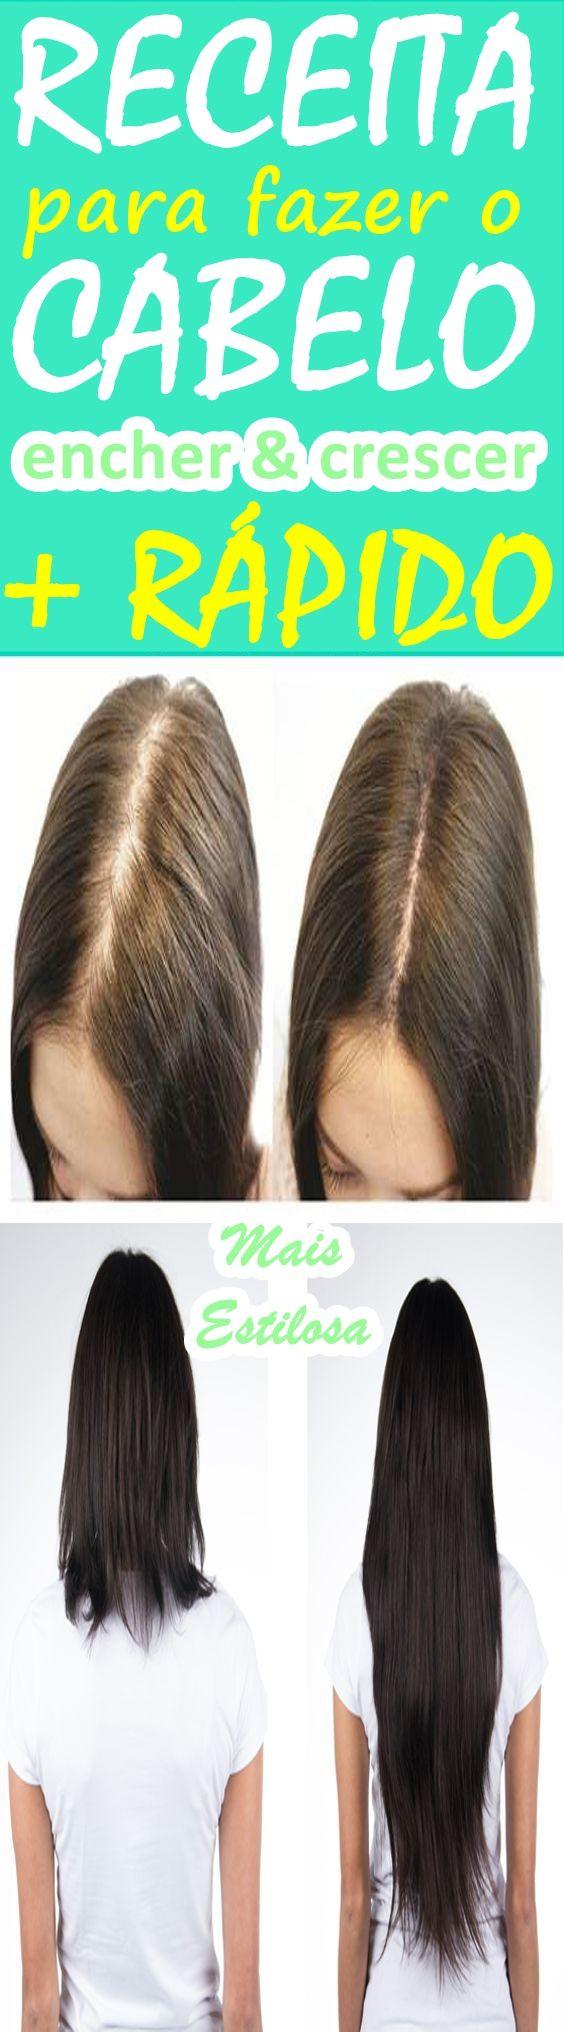 Aprenda como fazer o cabelo encher, dar mais volume e crescer mais rápido. Cansada com a lentidão com que os seus cabelos nascem? Então anote essa receita milagrosa que fará o seu cabelo crescer e encher como nunca!